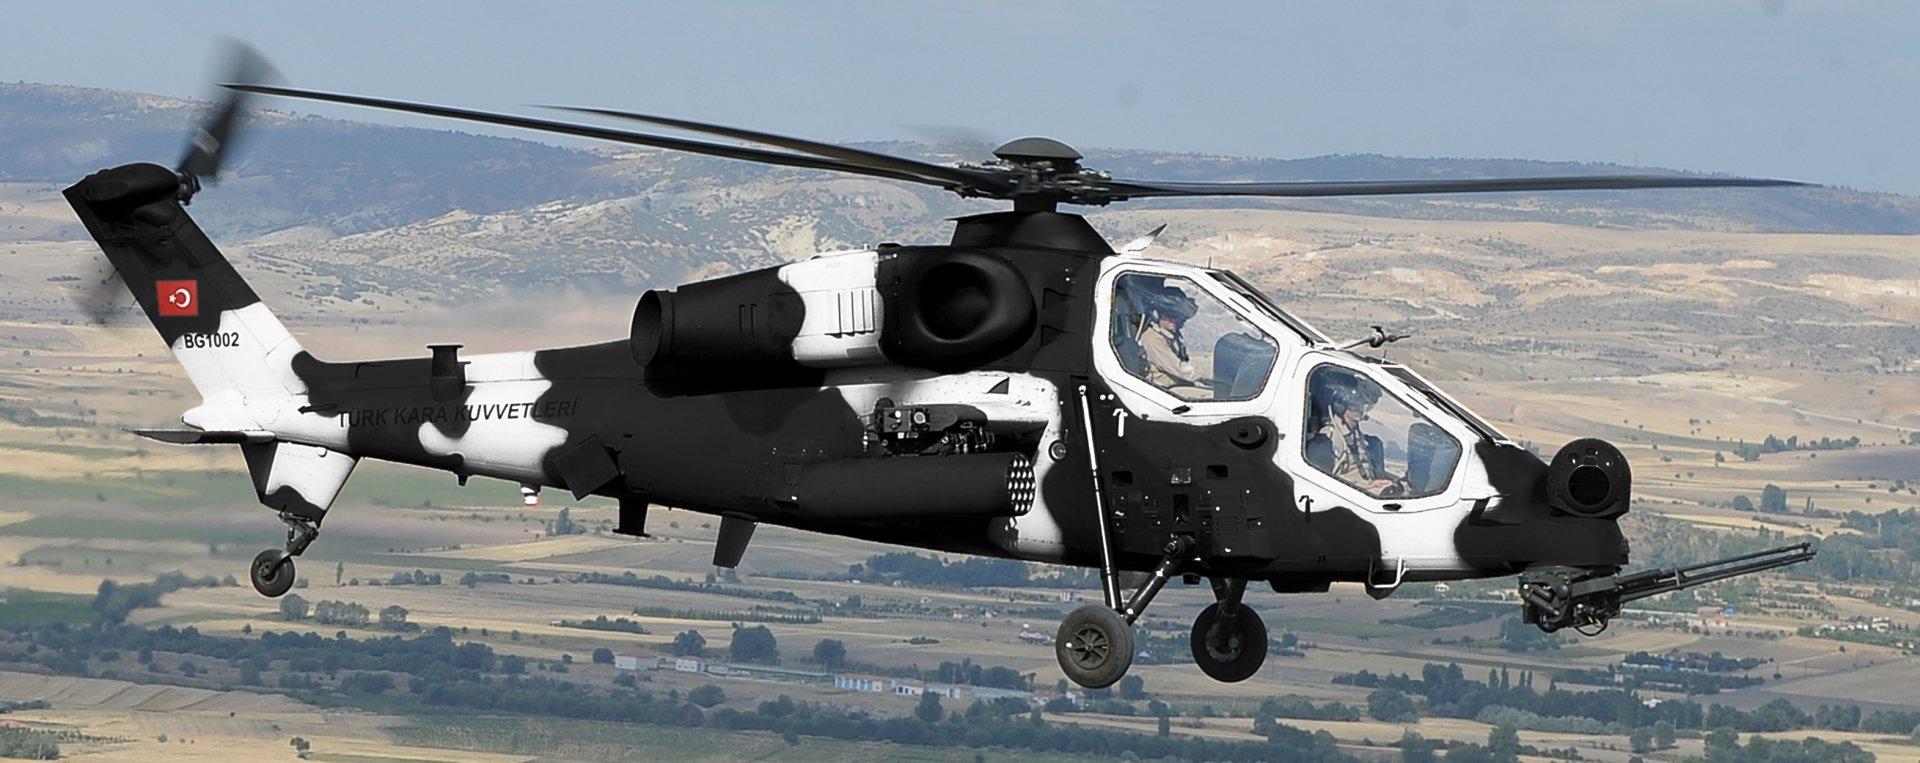 Elicottero T 129 : Atak t 129 full hd sfondo and sfondi 3142x1248 id:381022